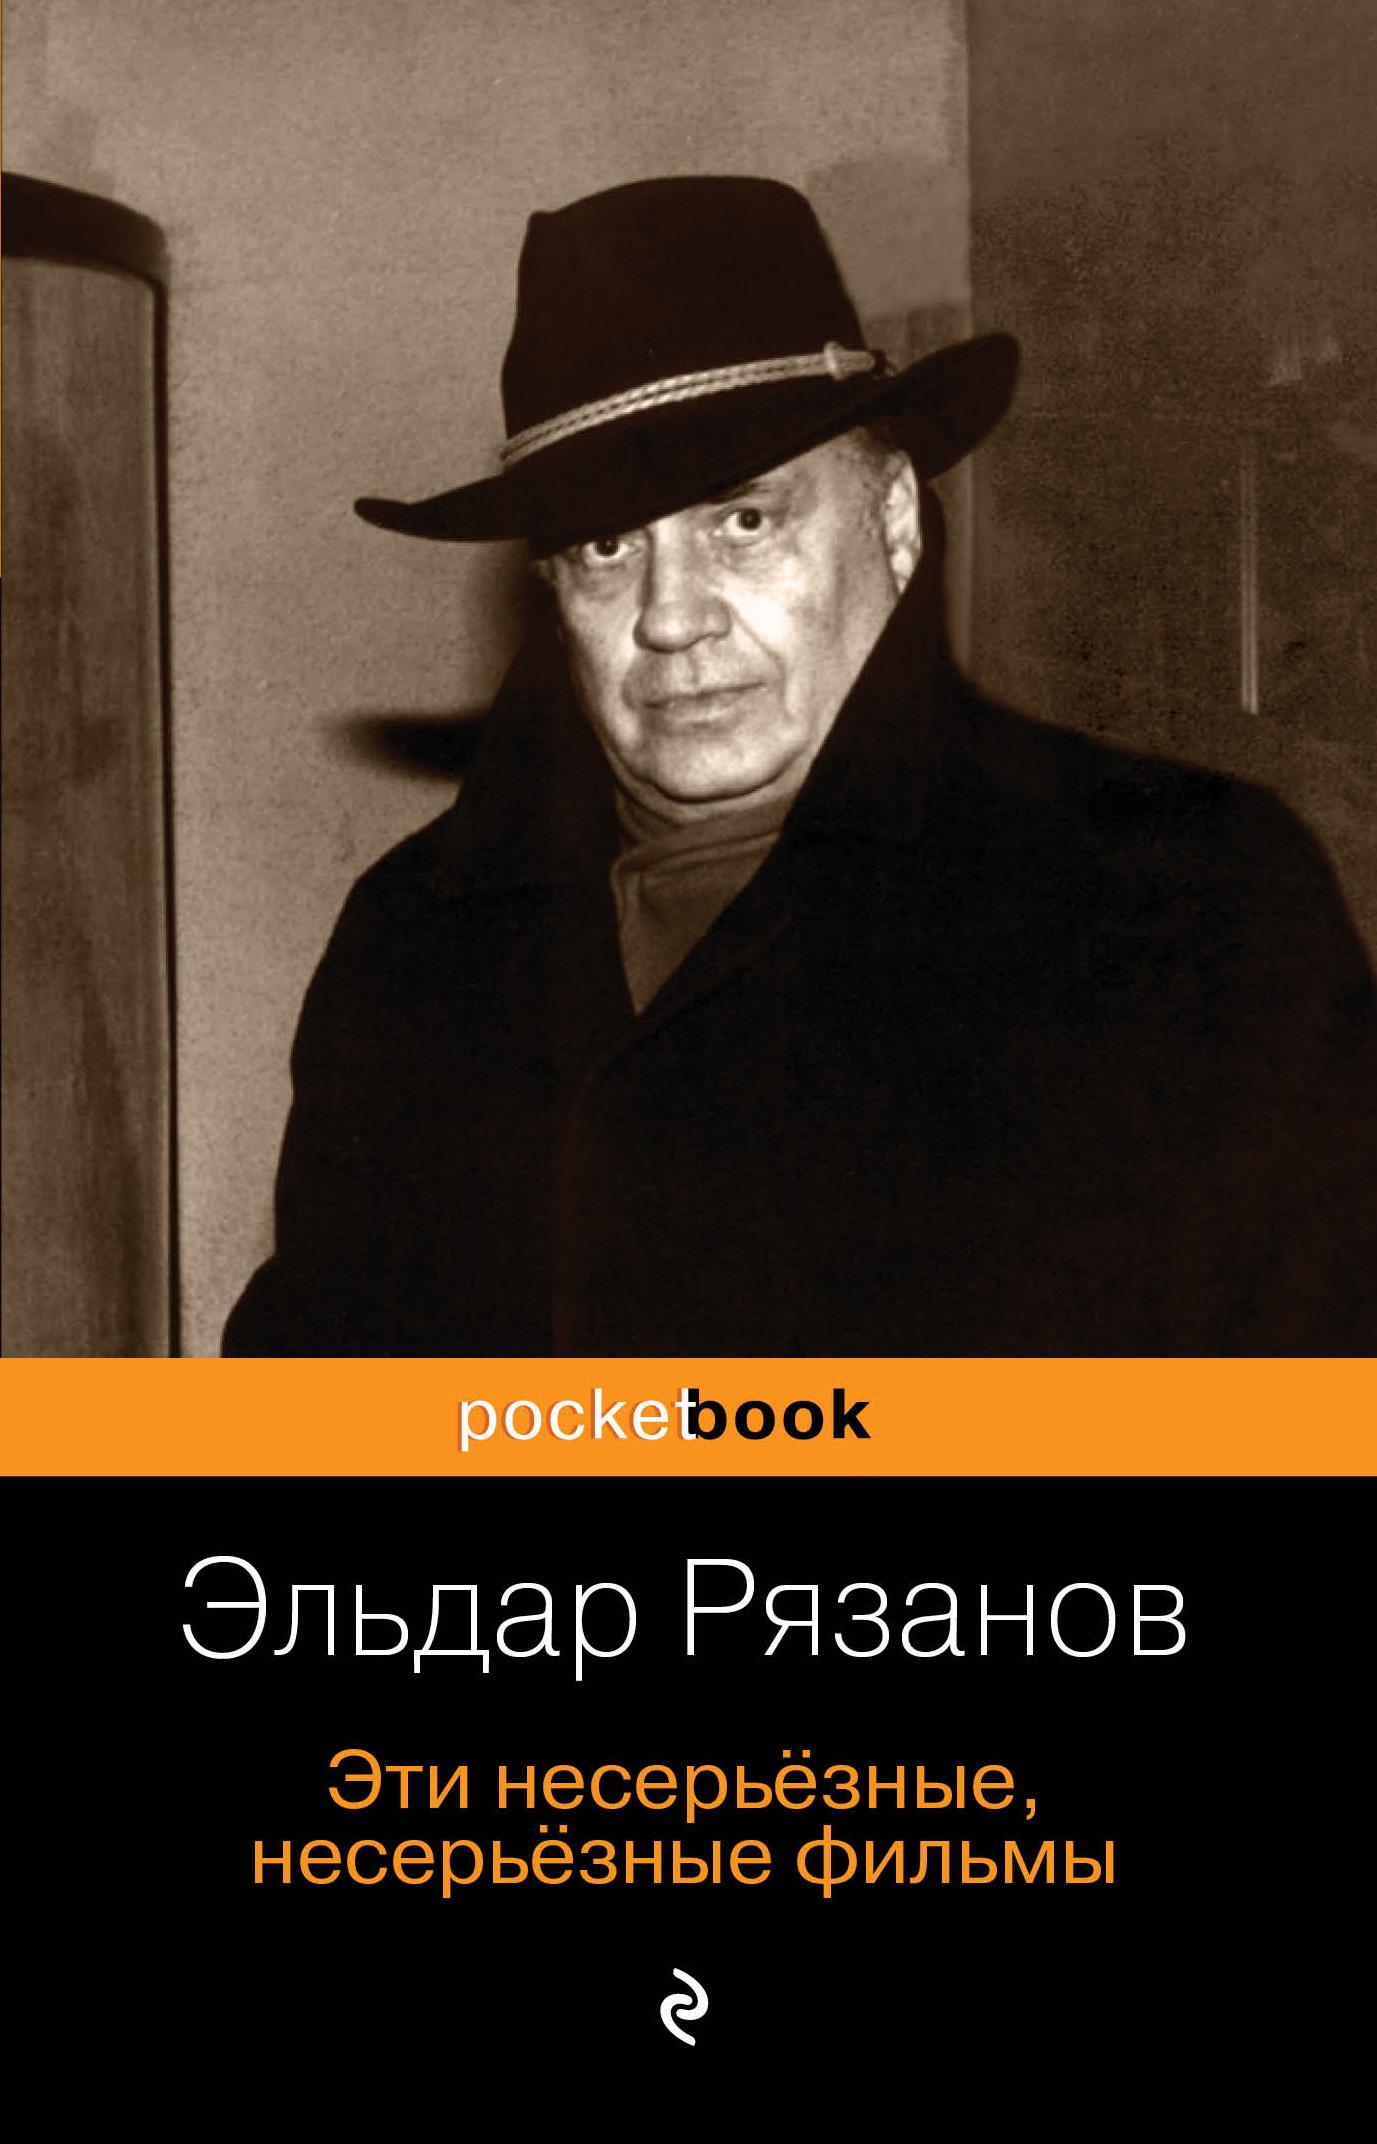 Эльдар Рязанов Эти несерьёзные, несерьёзные фильмы